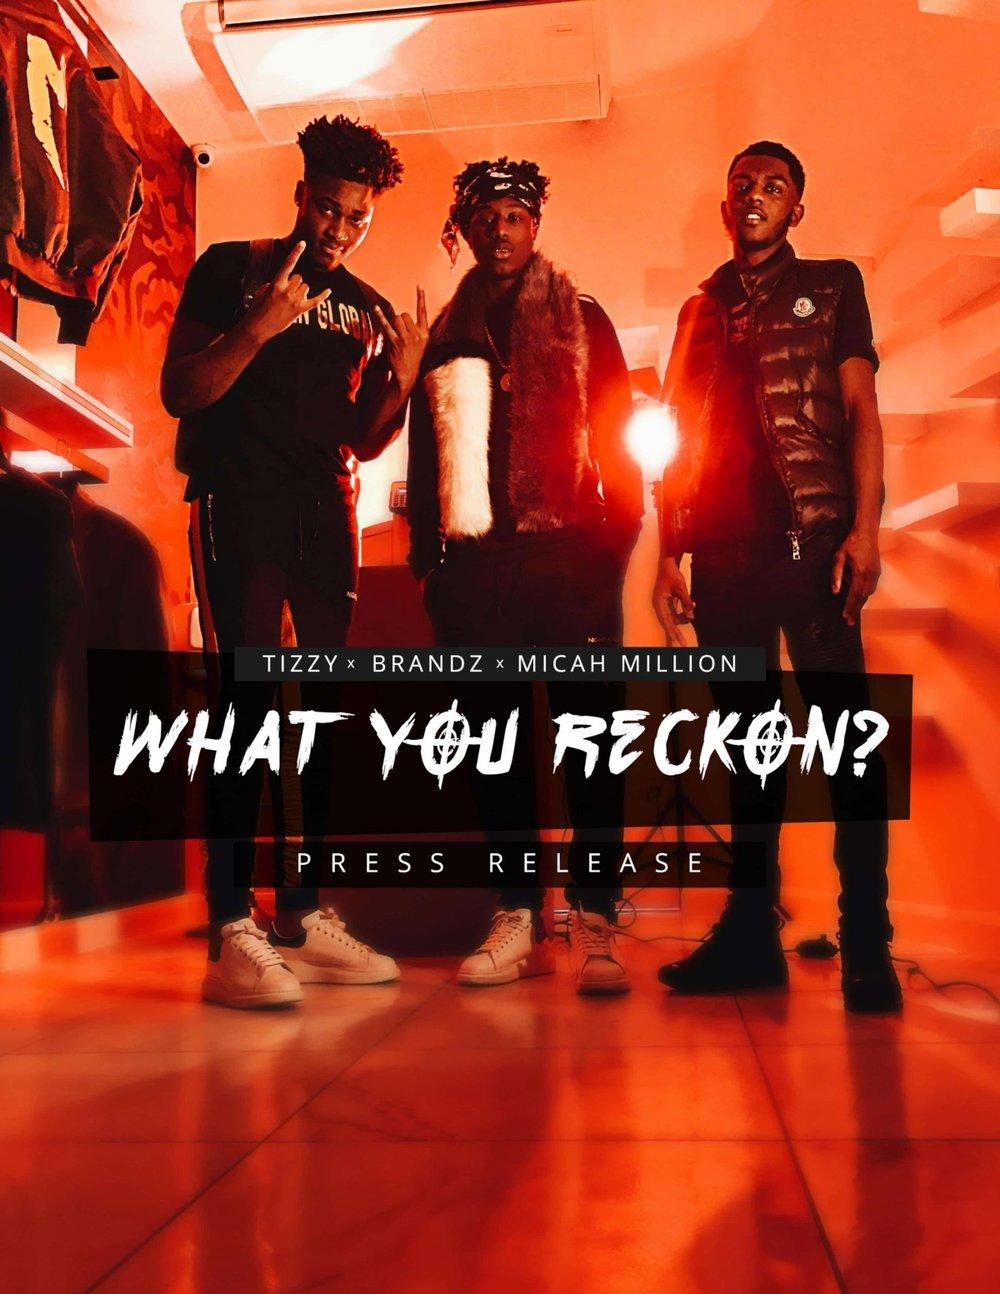 TIZZY + BRANDZ 'WHAT YOU RECKON' MUSIC VIDEO